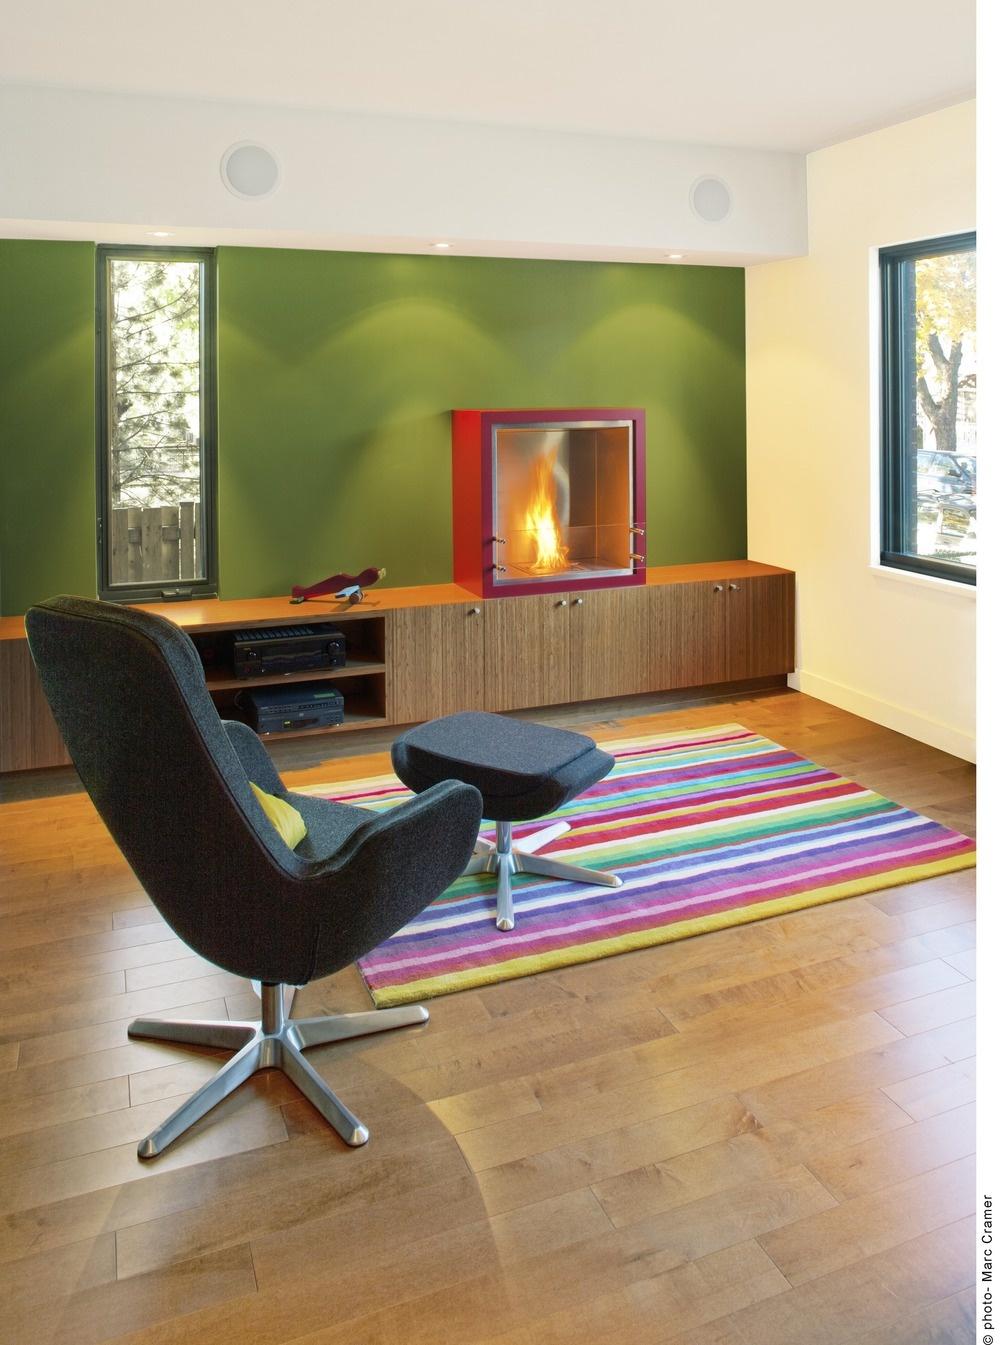 Pruhovaný koberec je jedným z mála farebných výstrelkov v tomto inak veľmi striedmom interiéri. Liehový kozub dotvára atmosféru pri posedení počas dlhých zimných večerov.